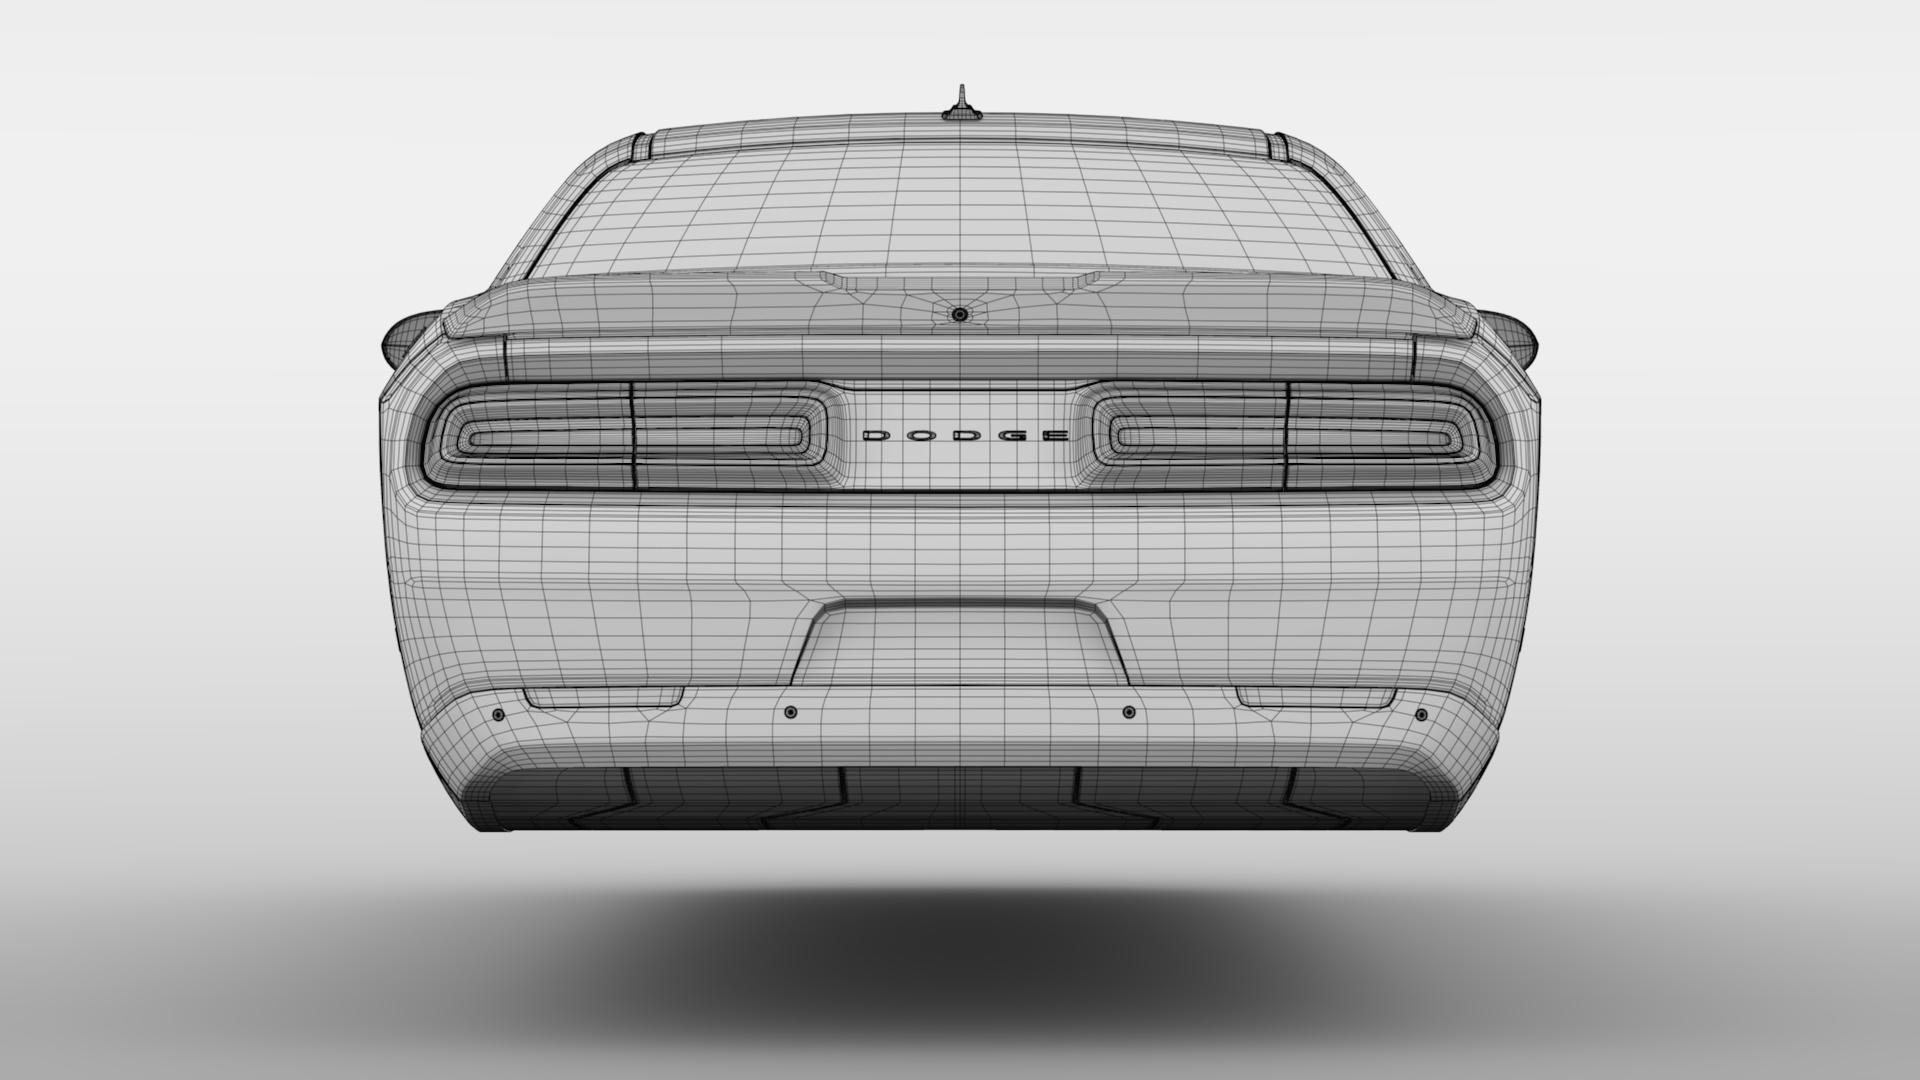 Dodge Challenger 392 shaker (lc) 2016 yn hedfan model 3d 3ds max fbx c4d ar gyfer yr hrc xsi obj 220618